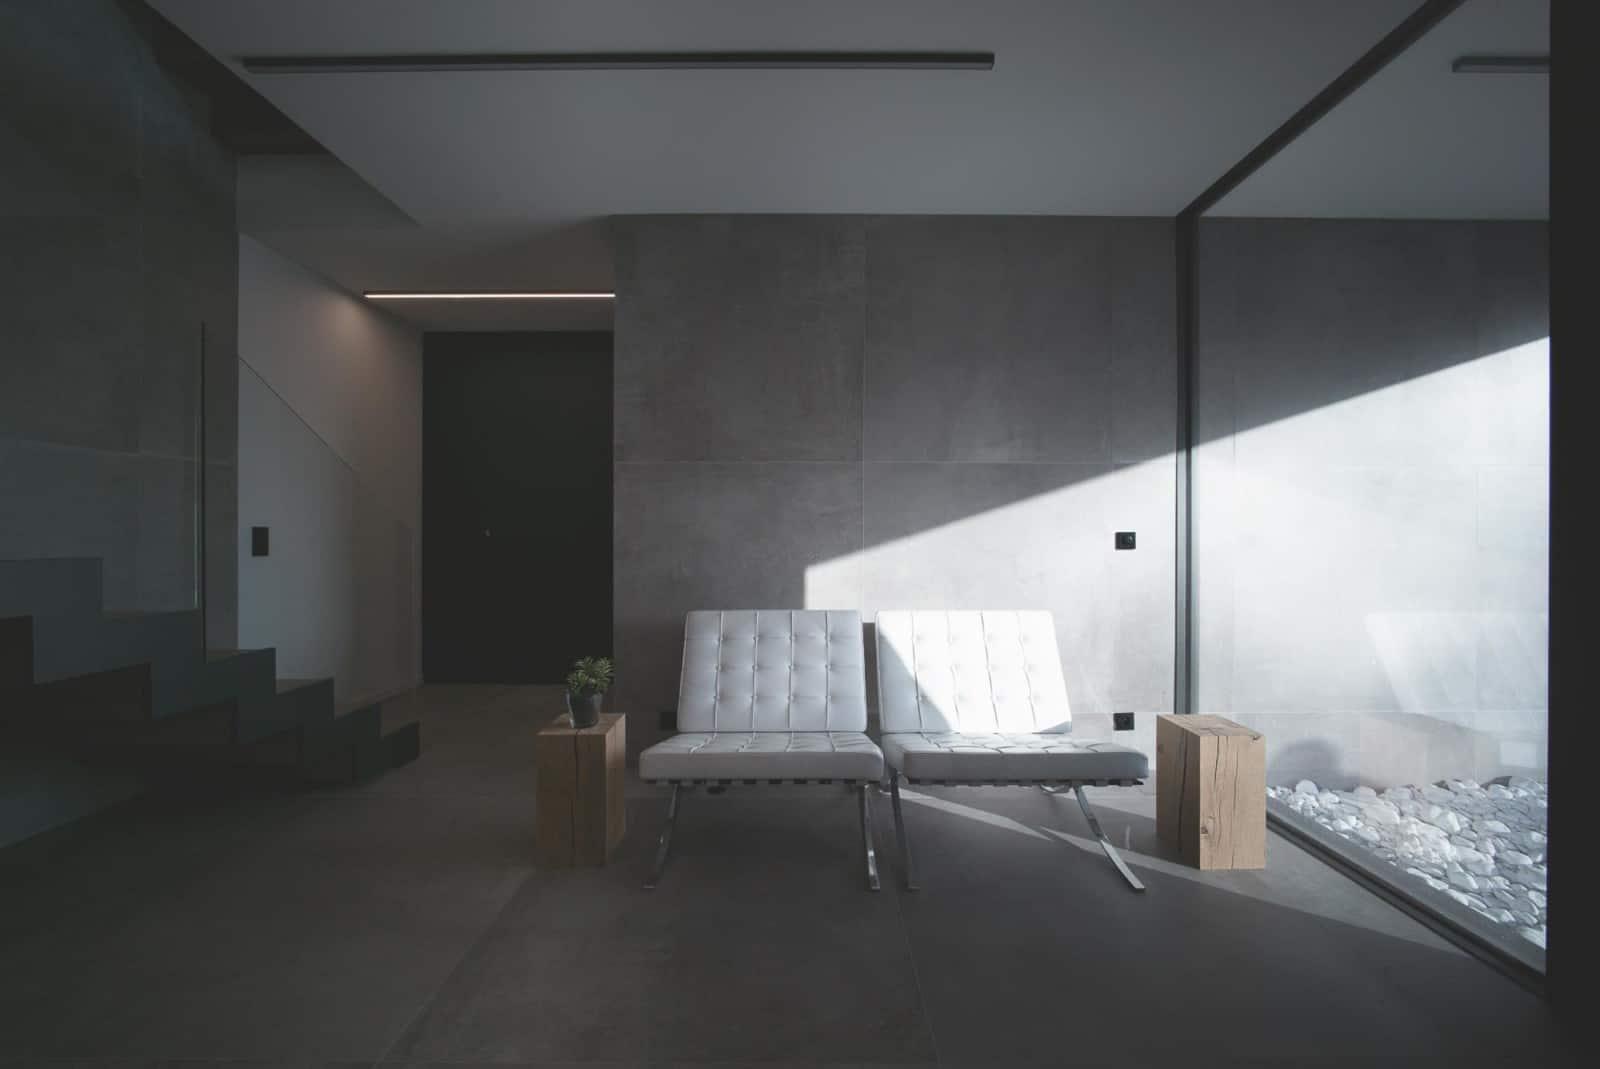 Hall Homeshowroom Ludwig Mies van der Rohe - chaise Barcelona - - Maison d'architecte, villa contemporaine - Archidomo - architecture Annecy Lyon Paris- Maison d'architecte, villa contemporaine - Archidomo - architecture Annecy Lyon Paris